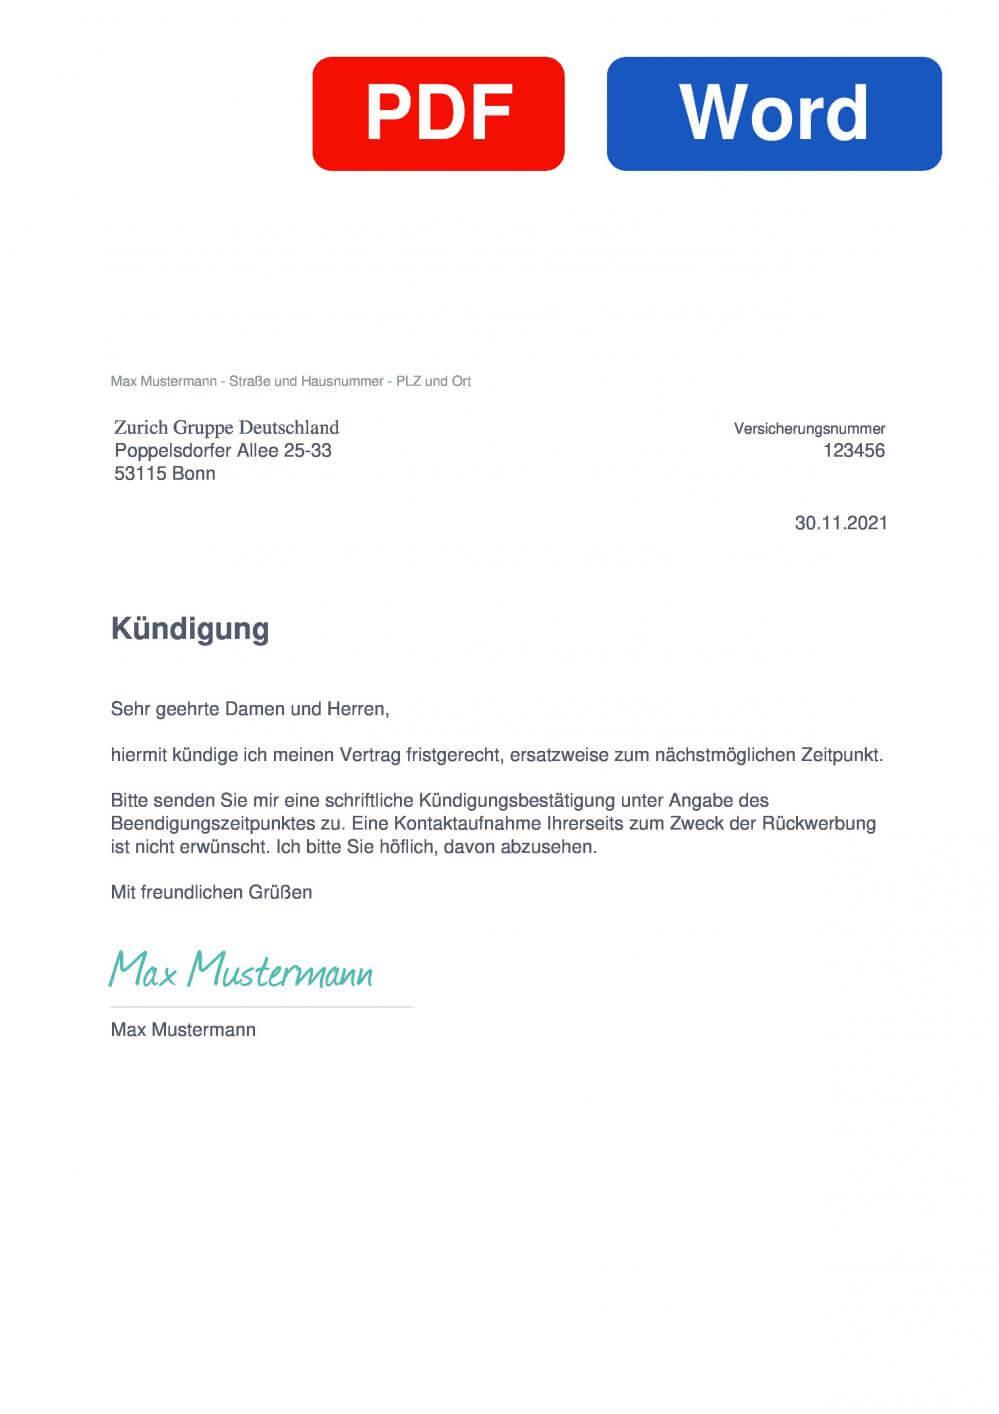 Zurich Hausratversicherung Muster Vorlage für Kündigungsschreiben